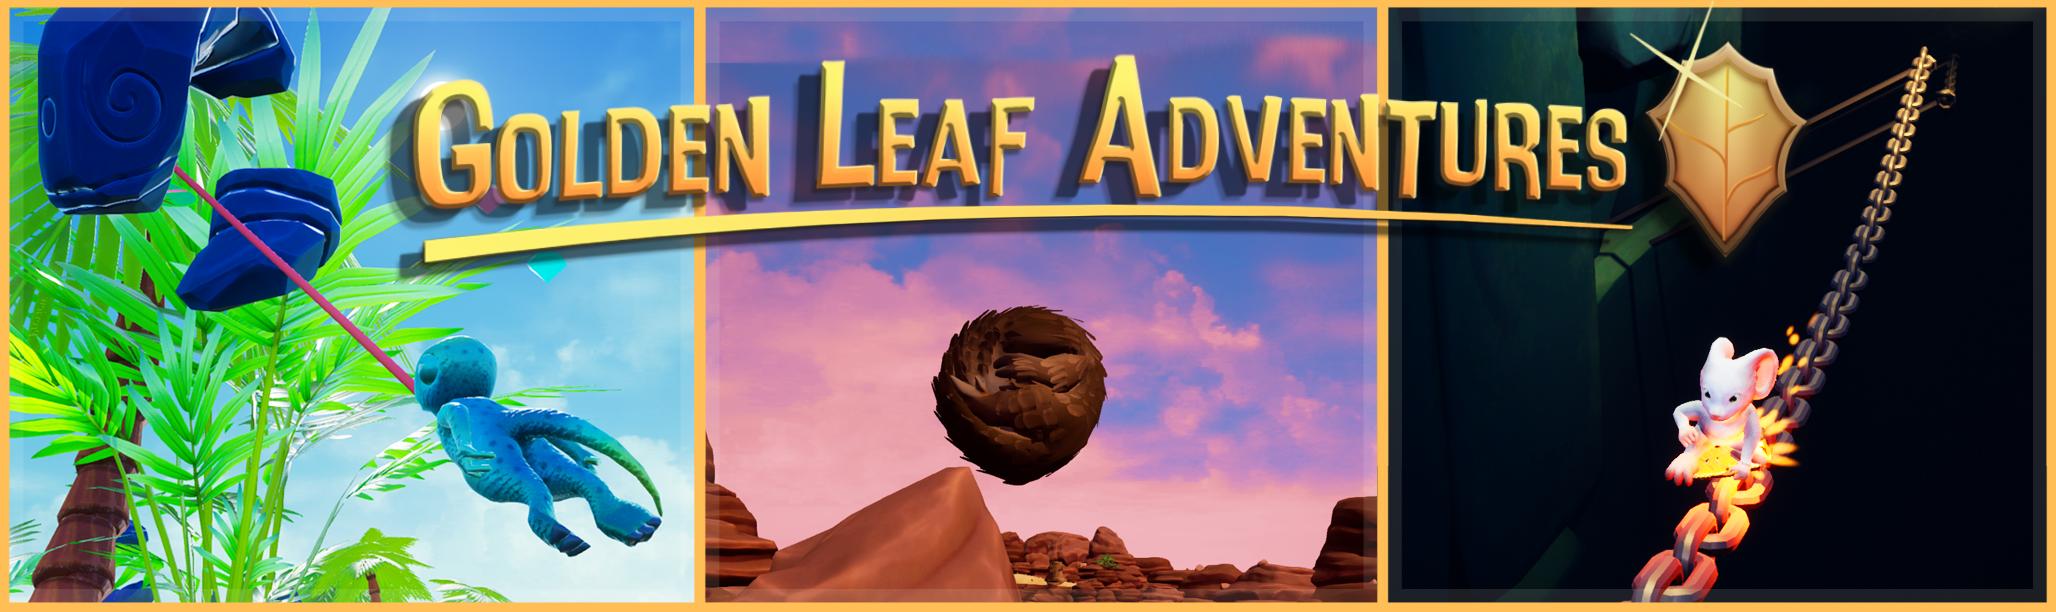 Golden Leaf Adventures